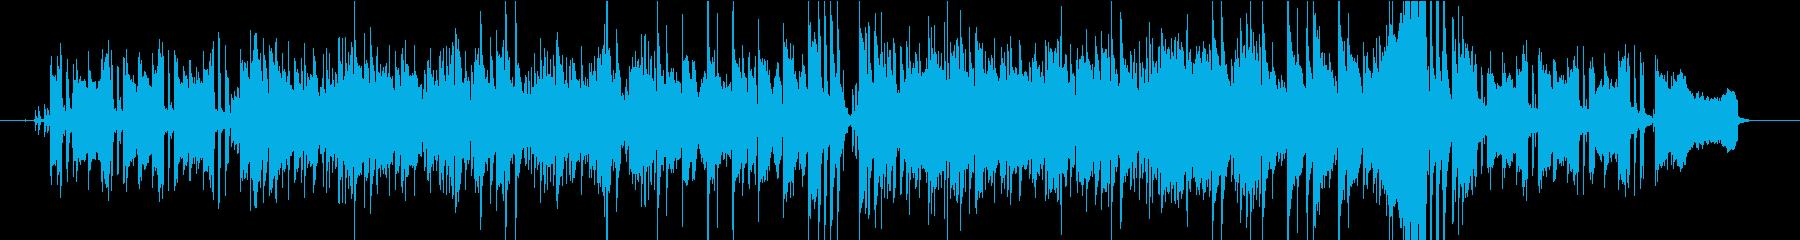 ガットギターが旋律を弾くボサノヴァ風の曲の再生済みの波形